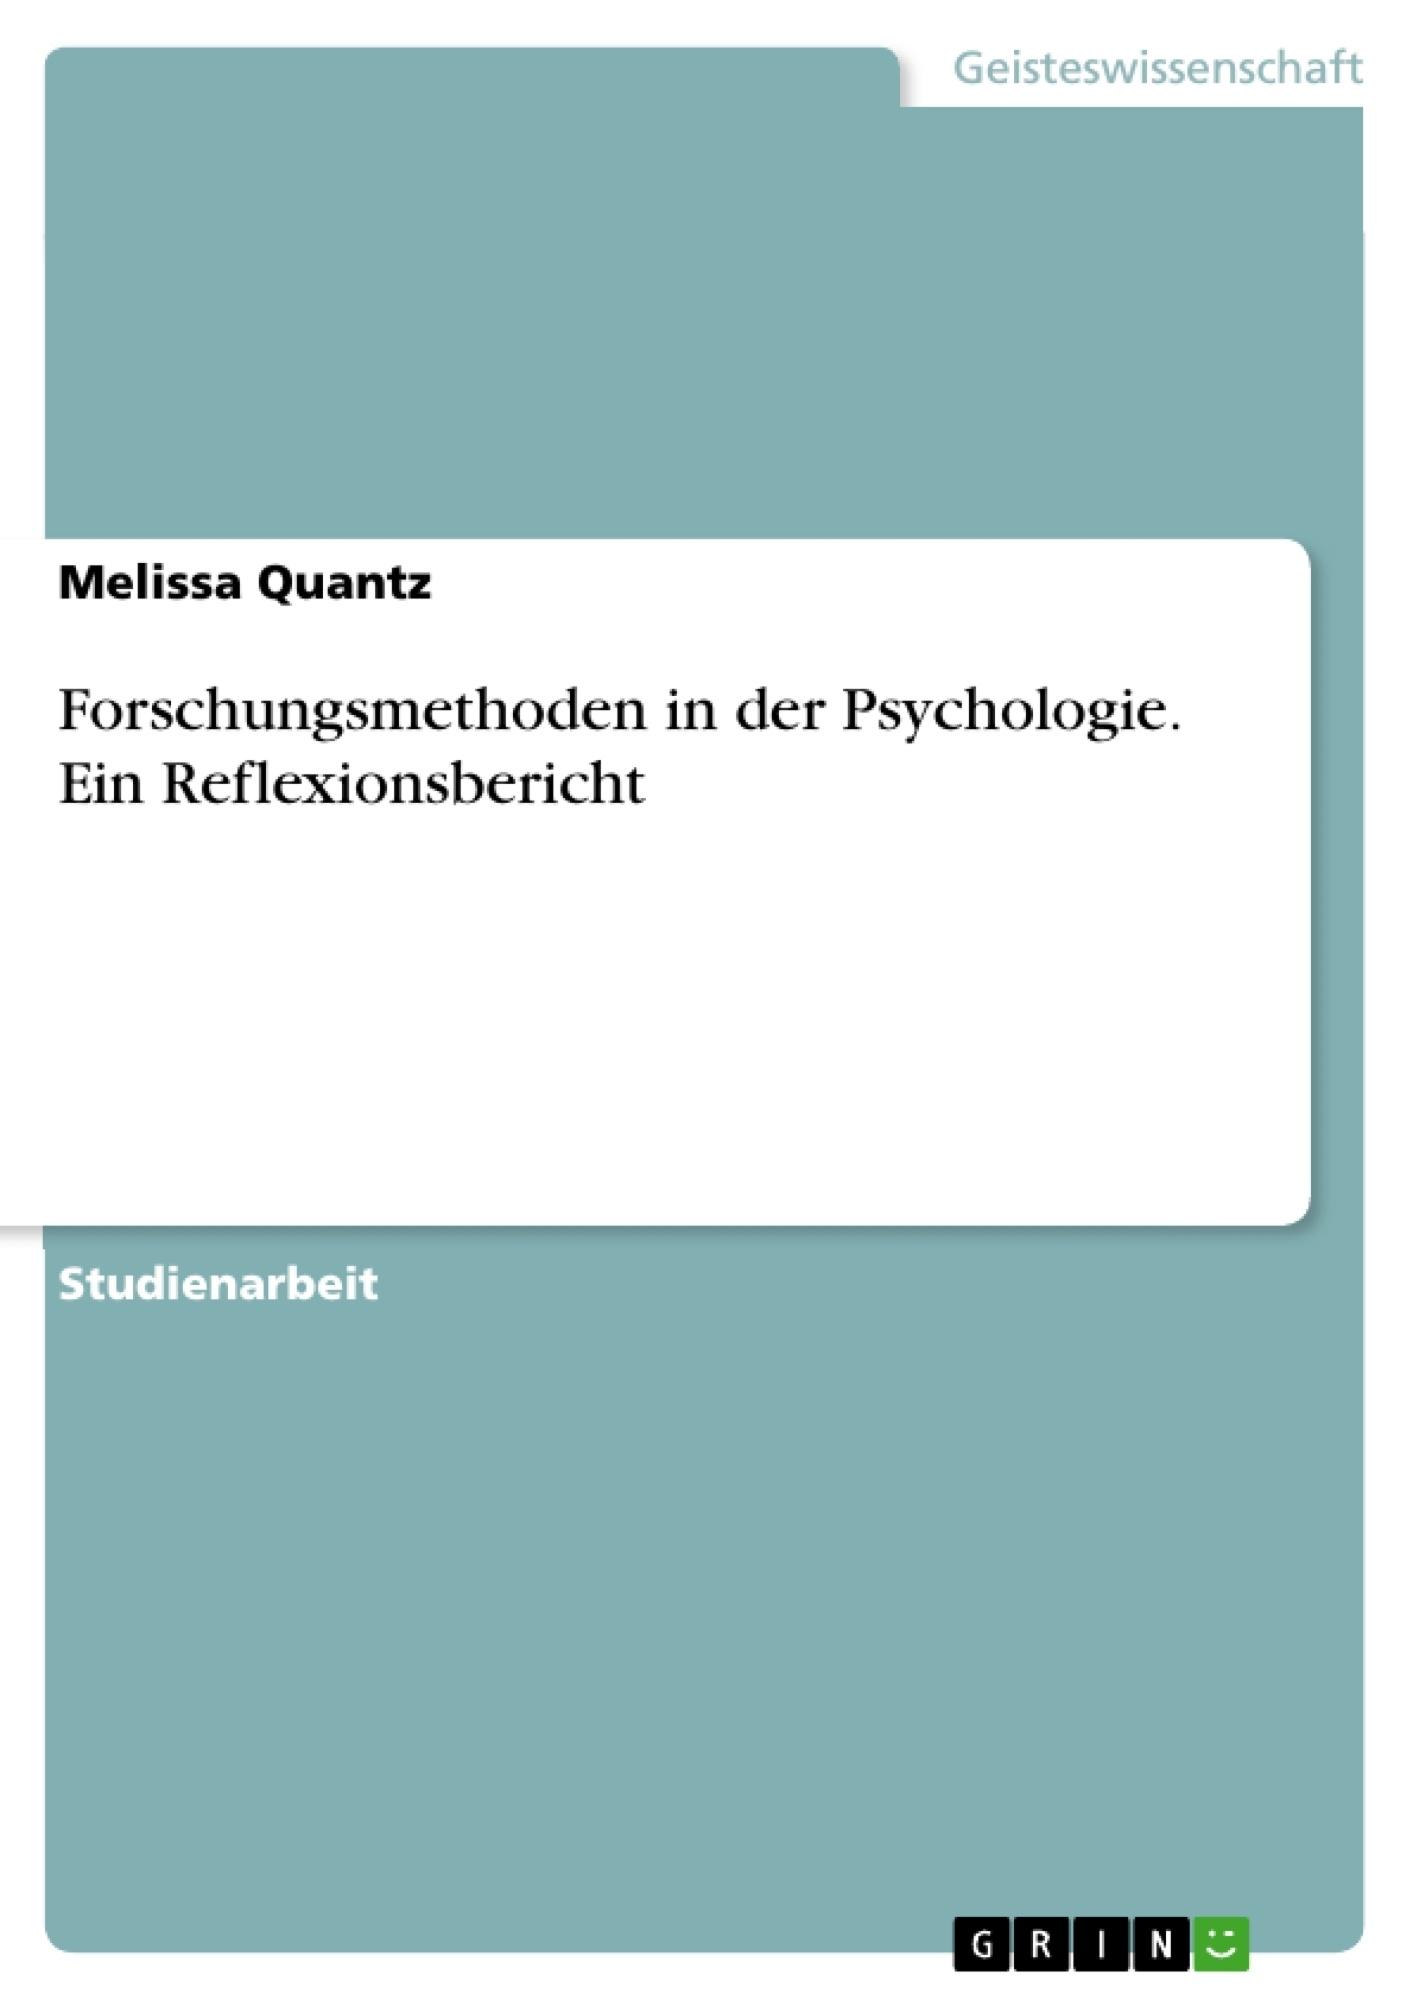 Titel: Forschungsmethoden in der Psychologie. Ein Reflexionsbericht